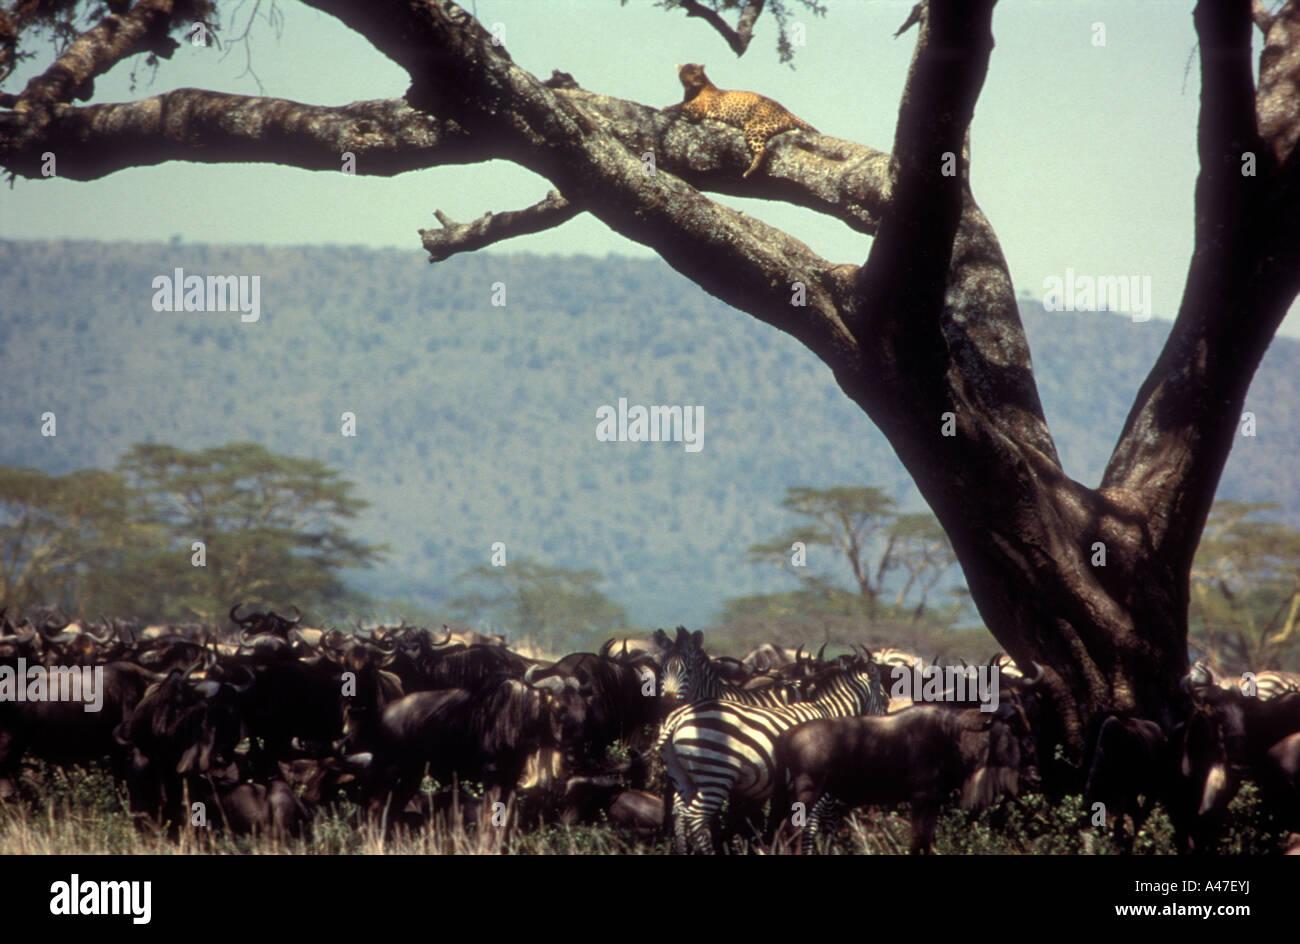 Gnus und gemeinsame Zebra unter Baum mit Leopard auf Ast über dem Serengeti-Nationalpark Tansania Stockbild